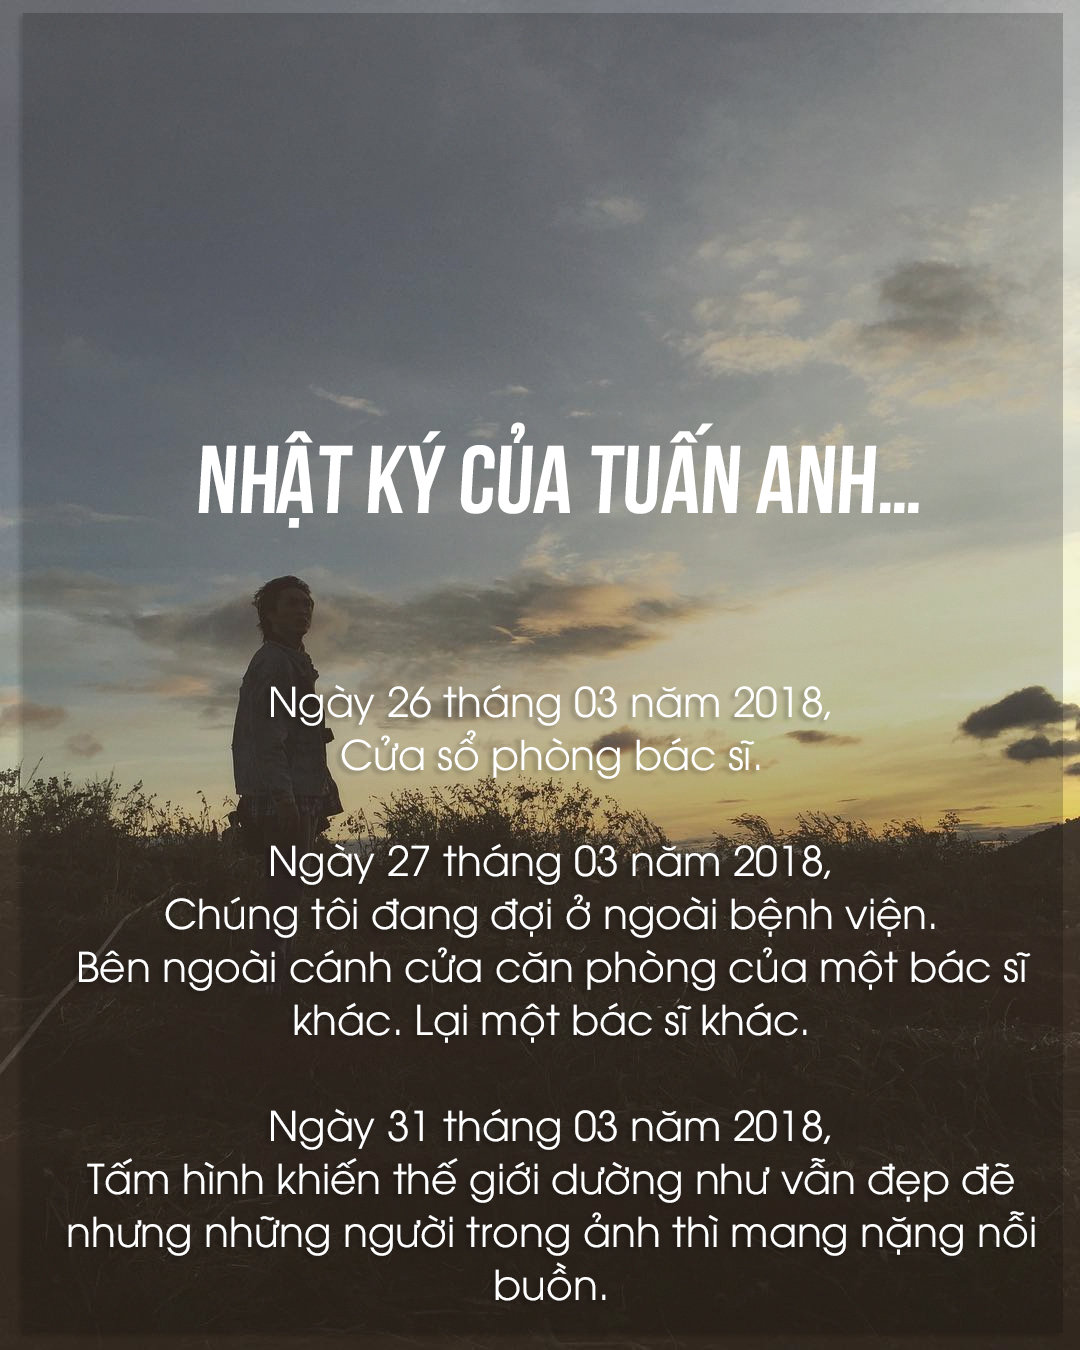 Tiền vệ Tuấn Anh: 6 năm trốn chạy kẻ thù và những tấm ảnh film nâng đỡ đôi chân pha lê của bóng đá Việt Nam-1